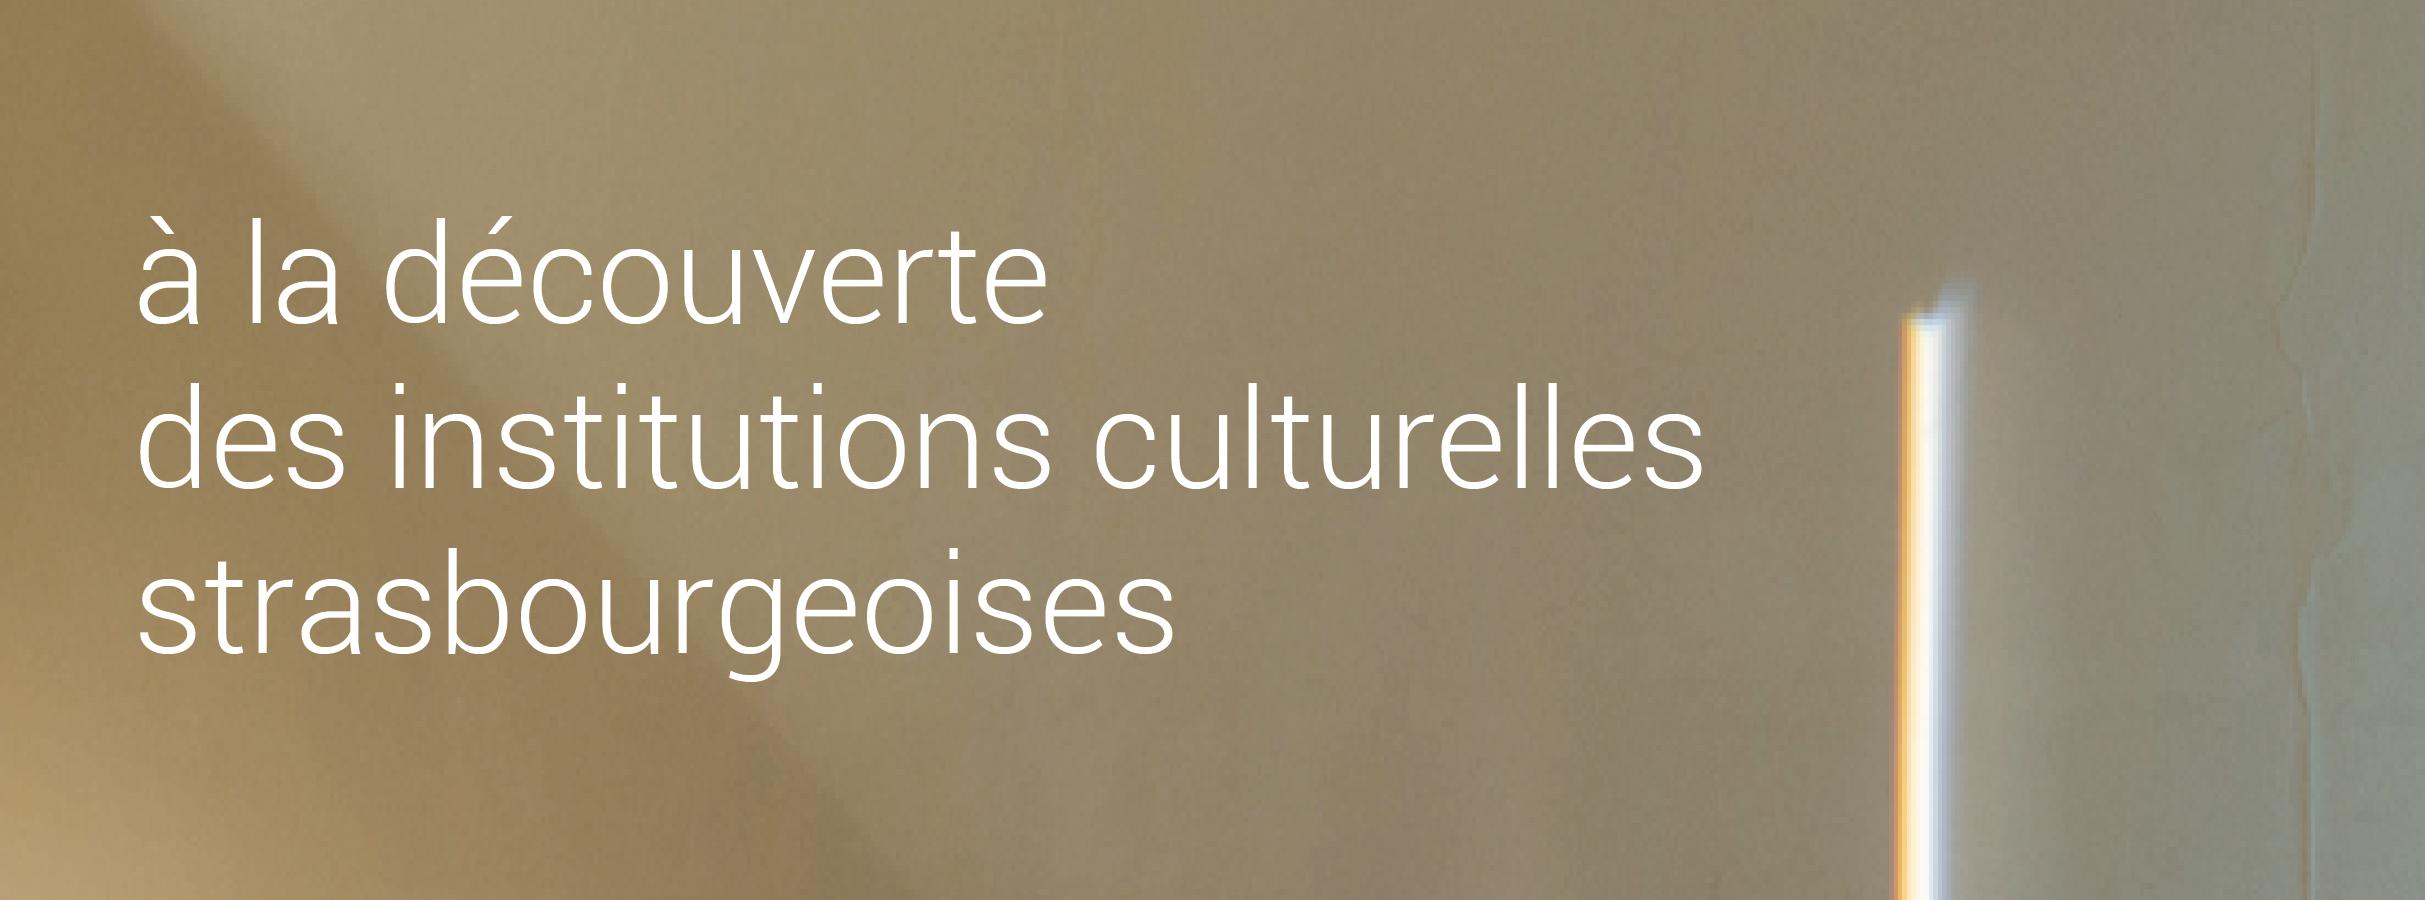 Les élèves à la découverte des institutions culturelles strasbourgeoises